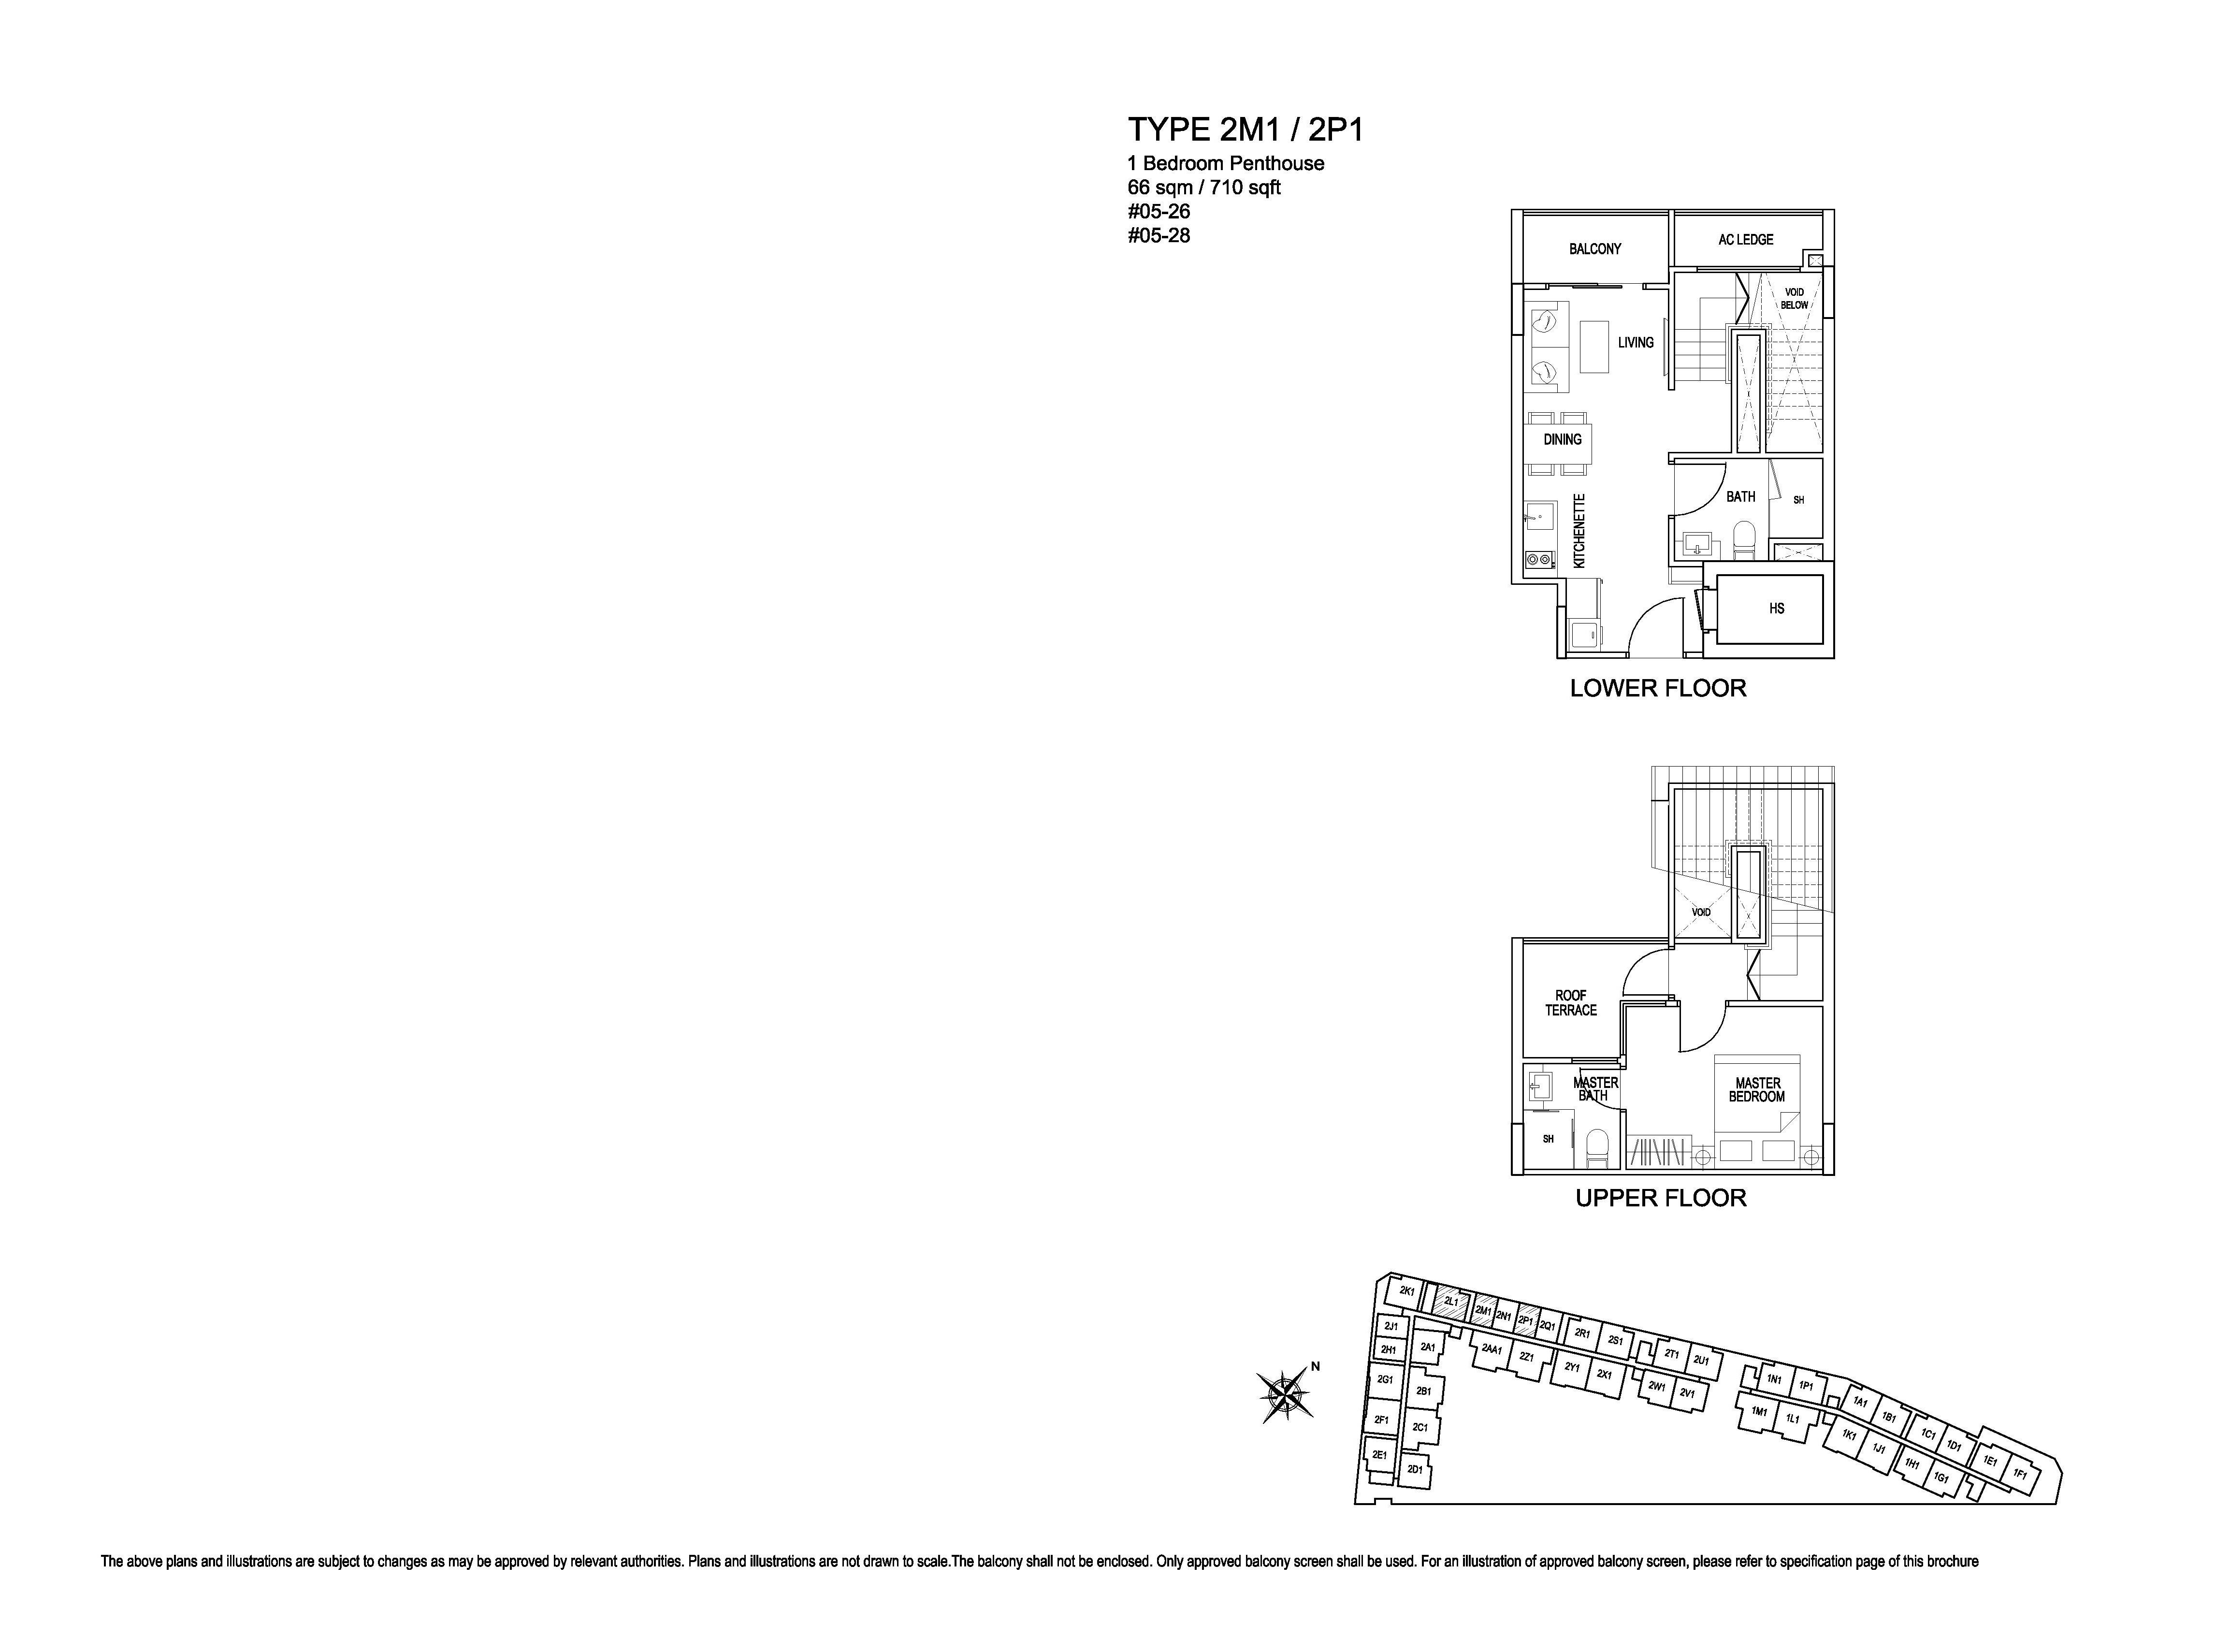 Kensington Square 1 Bedroom Penthouse Floor Plans Type 2M1/2P1